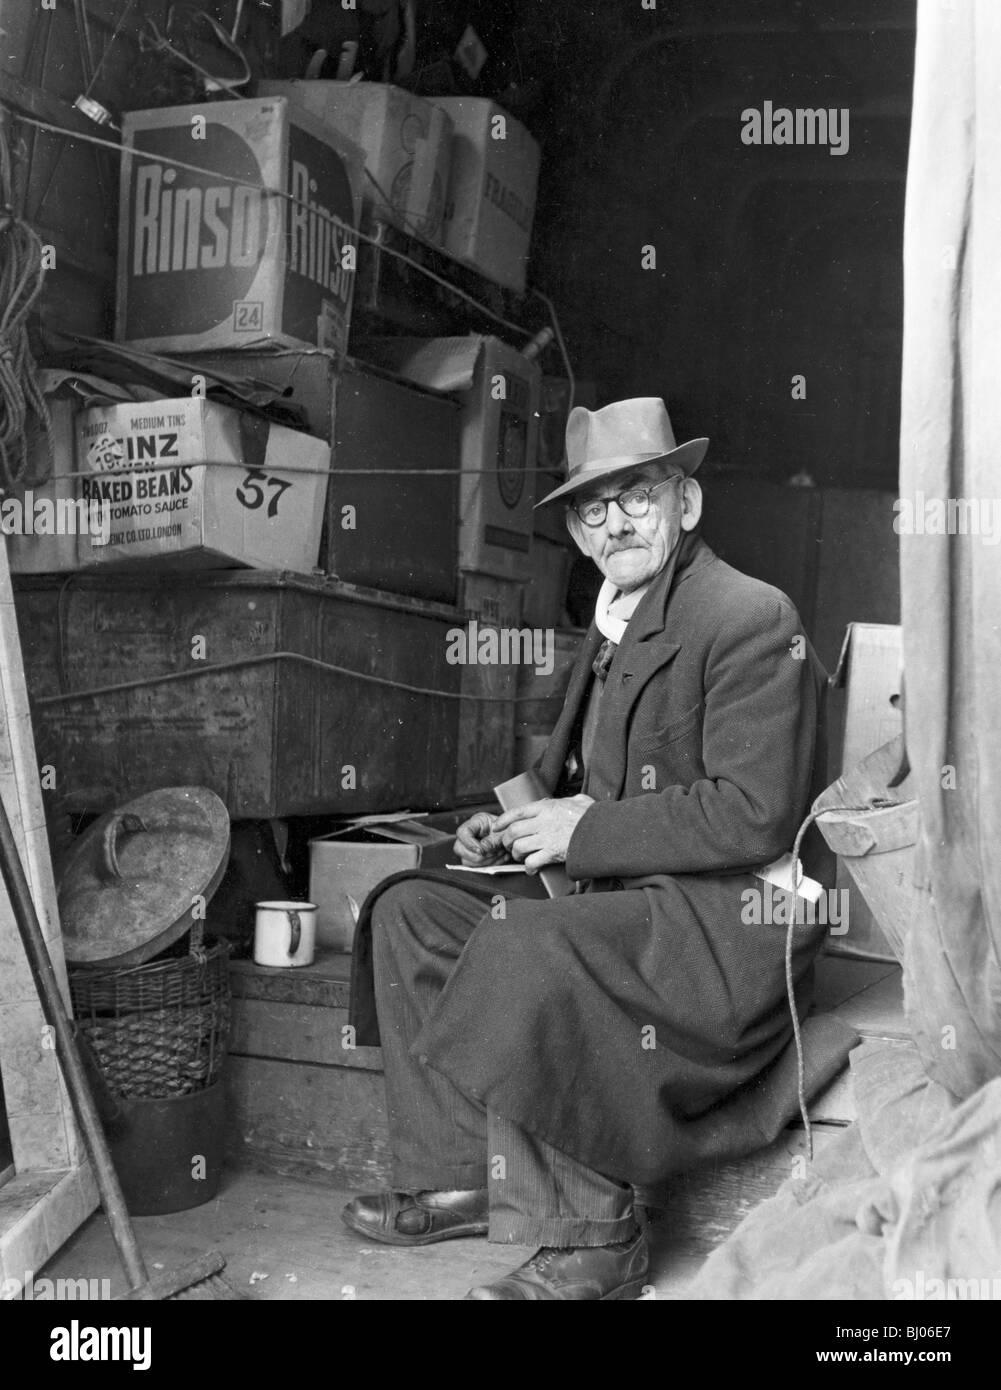 Camden Town, London, 1950s. Artist: Henry Grant - Stock Image